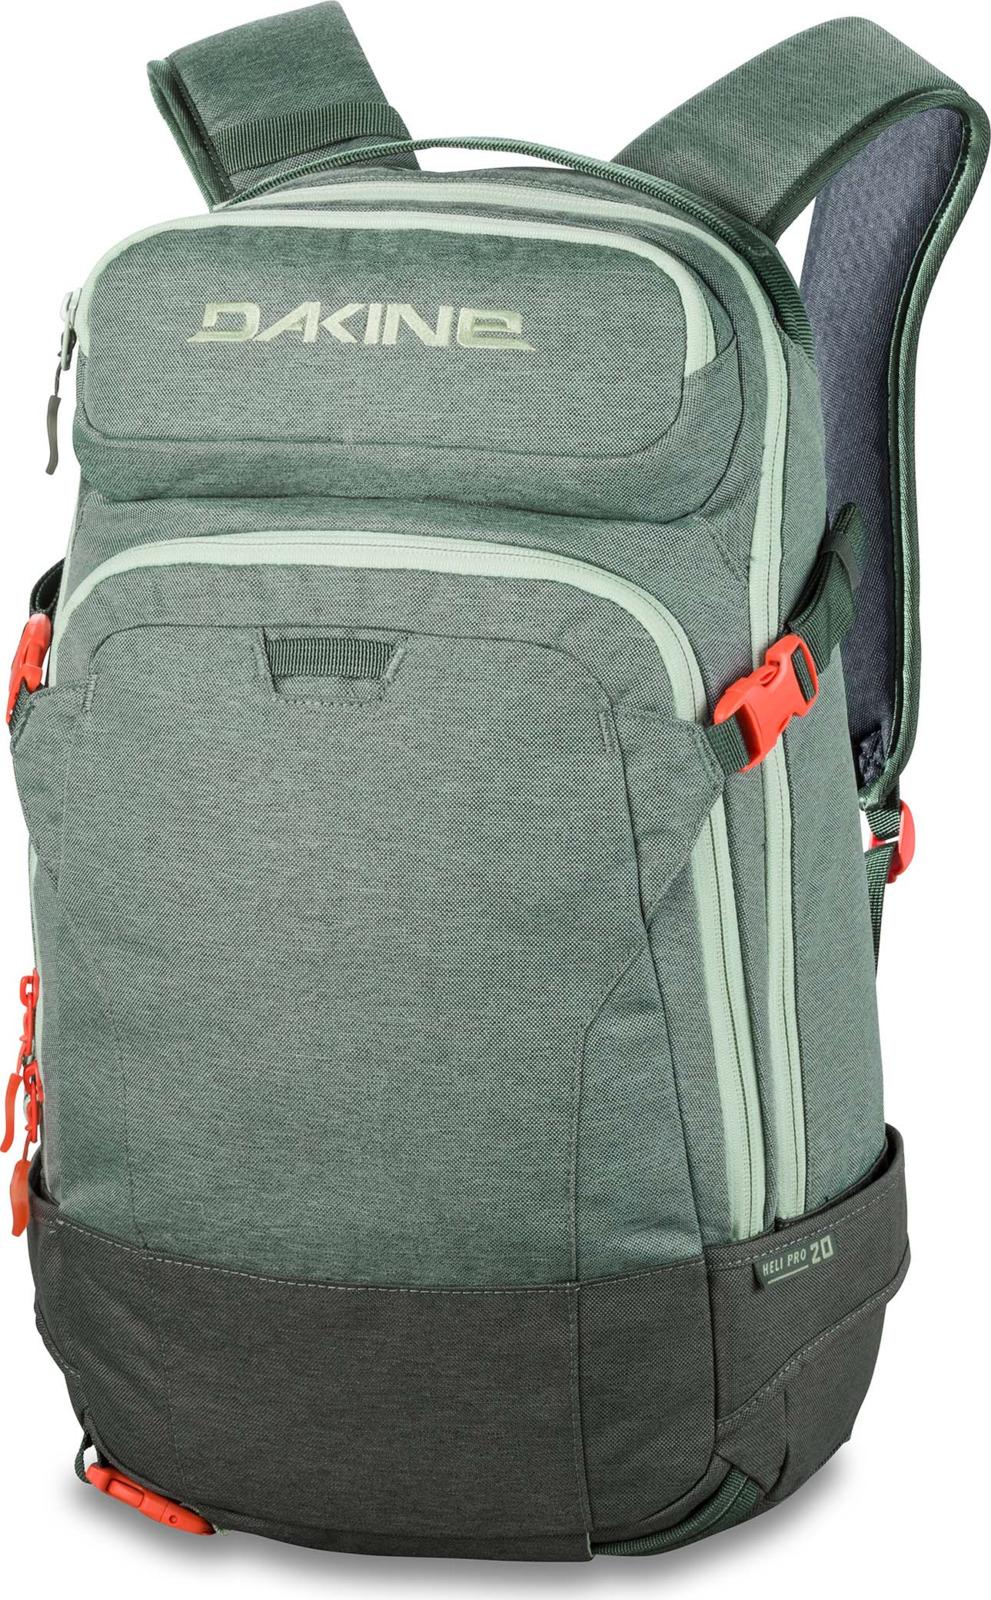 Рюкзак женский Dakine Women's Heli Pro, цвет: бирюзовый, 20 л oiwas ноутбук рюкзак мода случайные